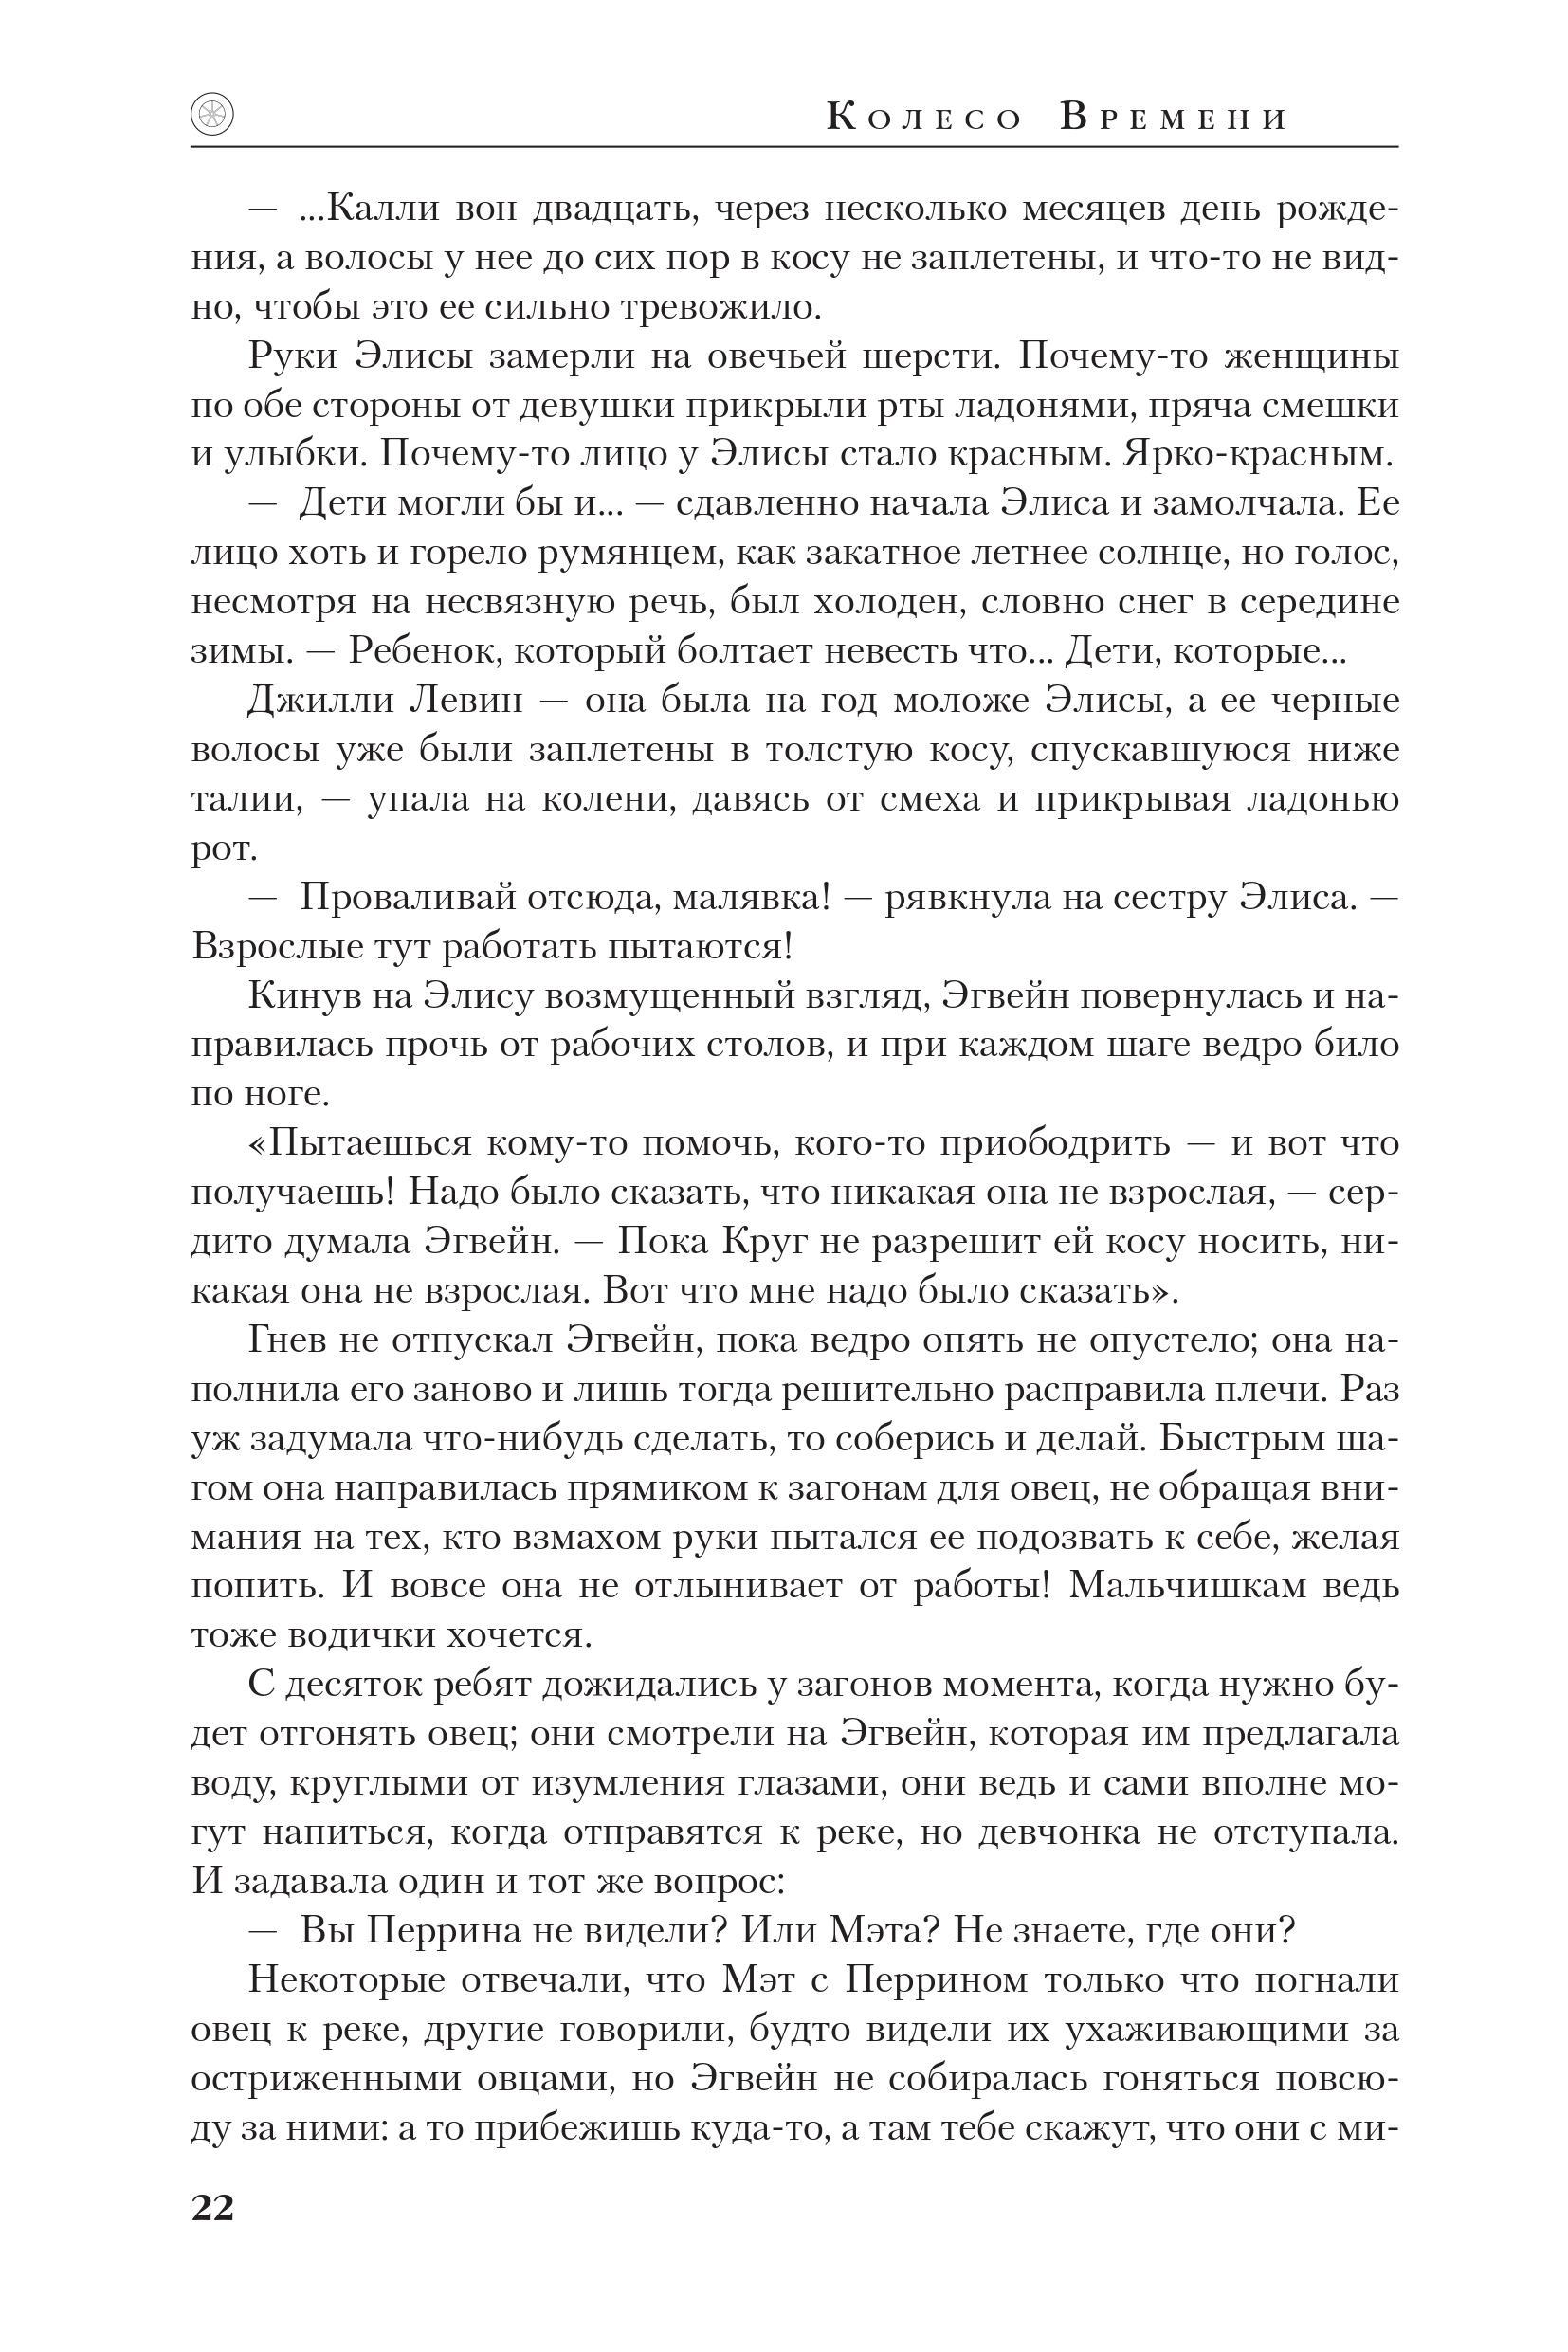 «Вороны»: отрывок изпереиздания романа «Око мира», первой части «Колеса времени» 19